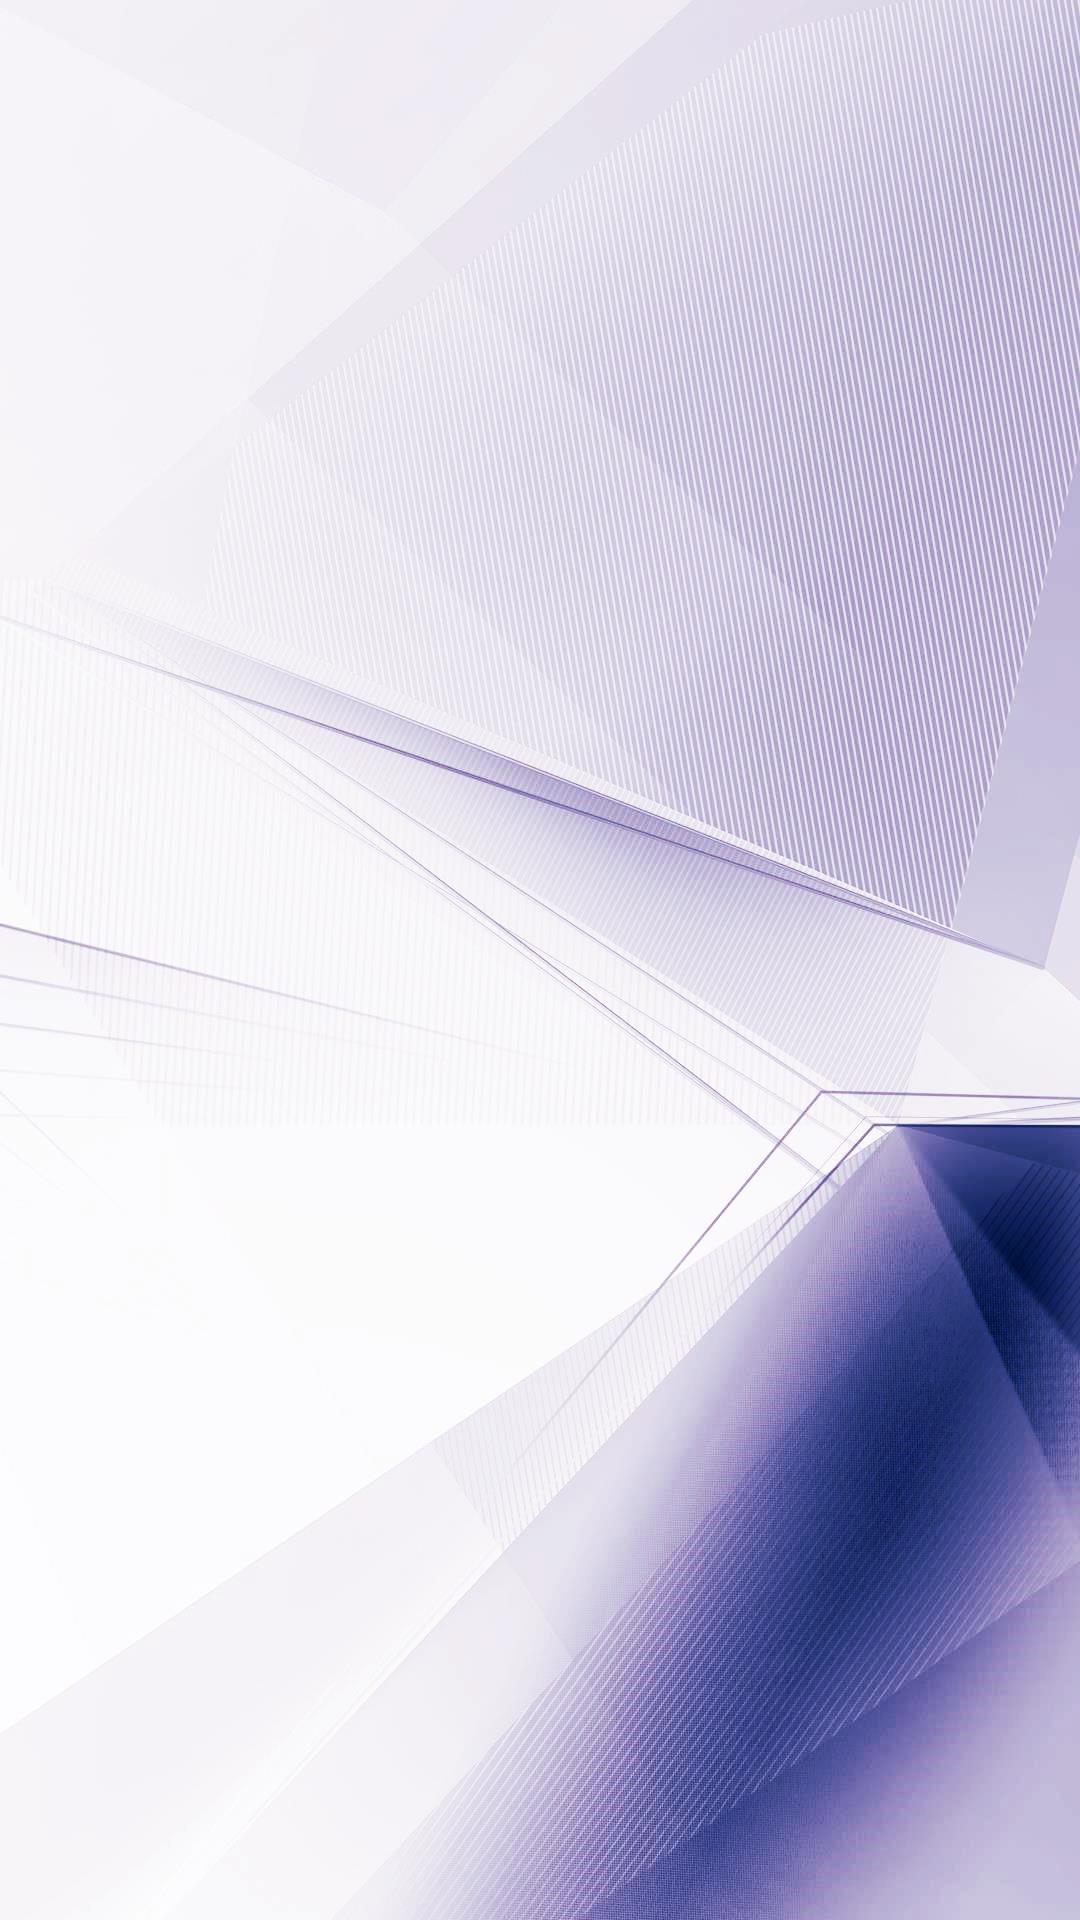 프리즘 컬러 파스텔 에디션 배경화면 (3).jpg